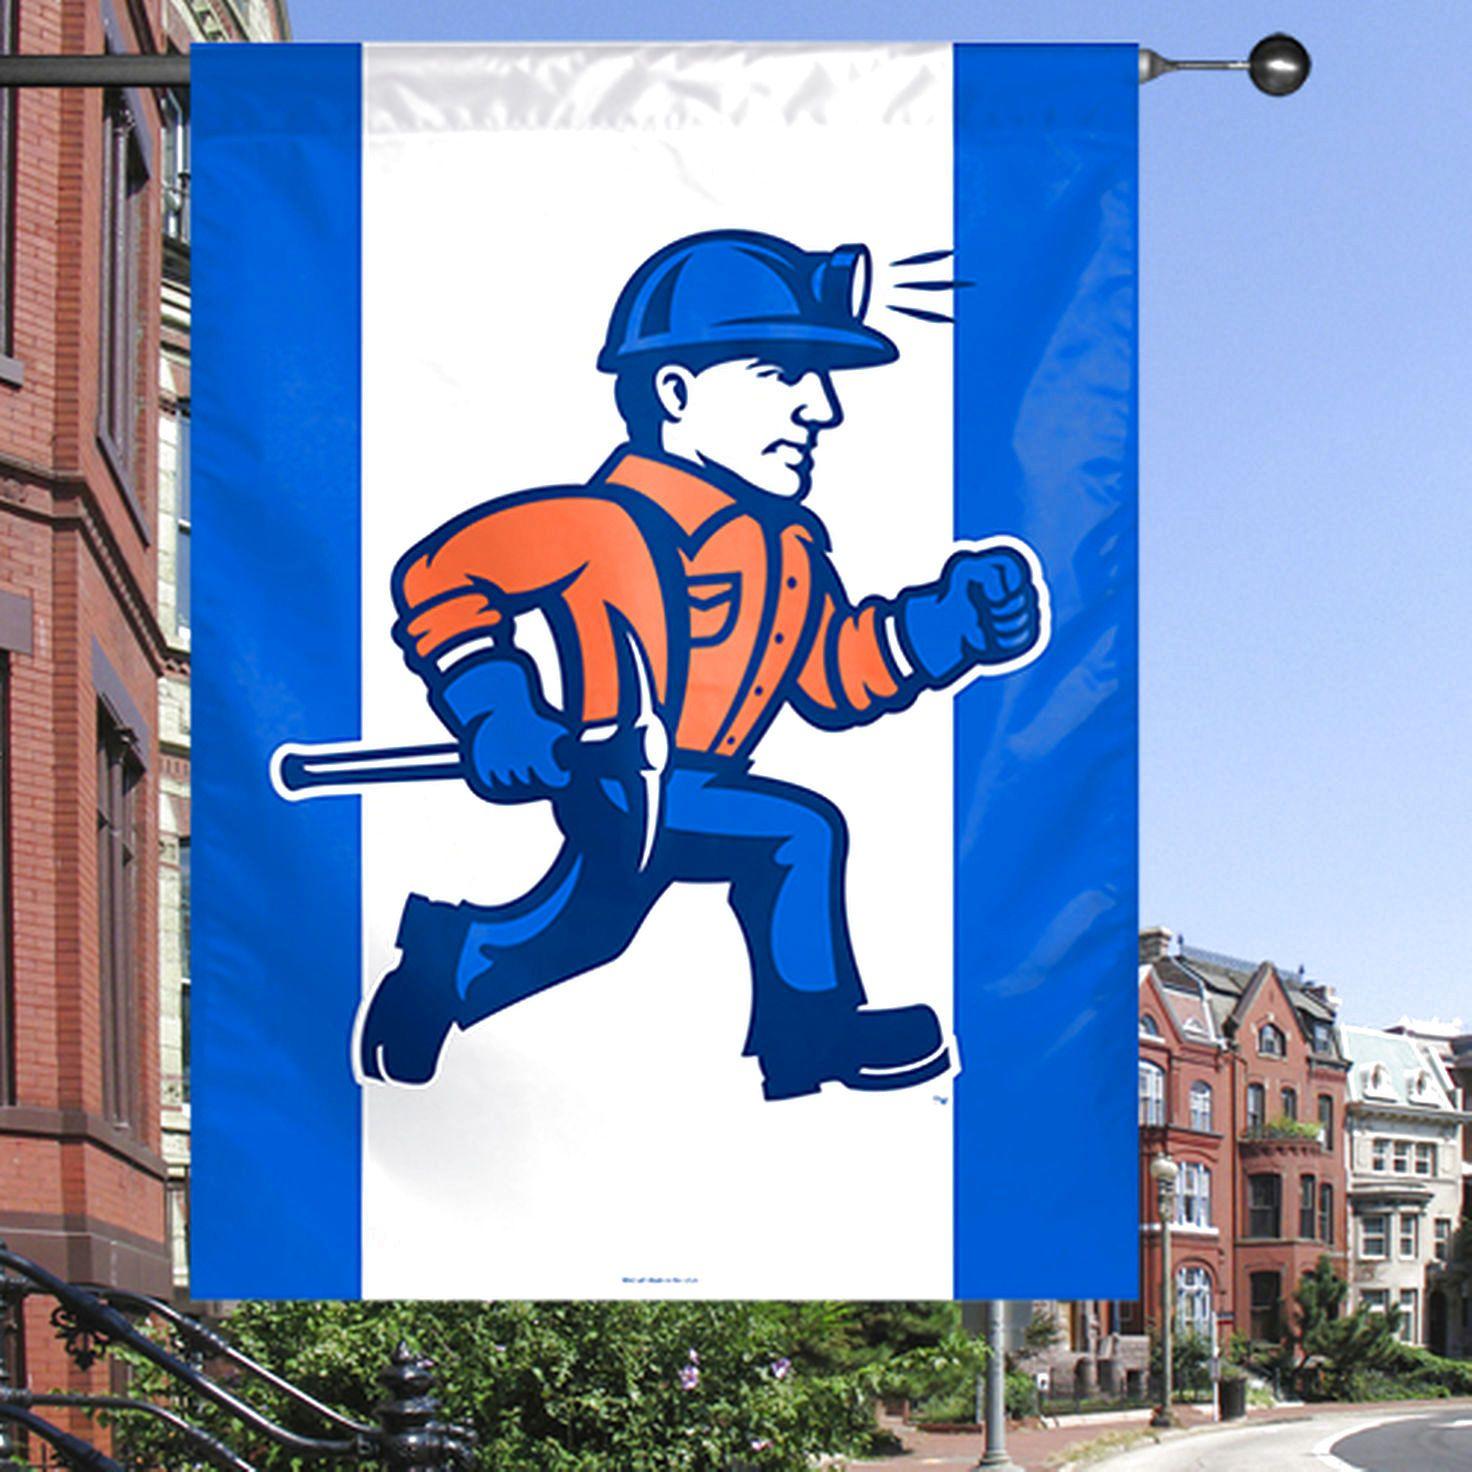 Wisconsin-Platteville Pioneers 27'' x 37'' Vertical Banner - $18.99